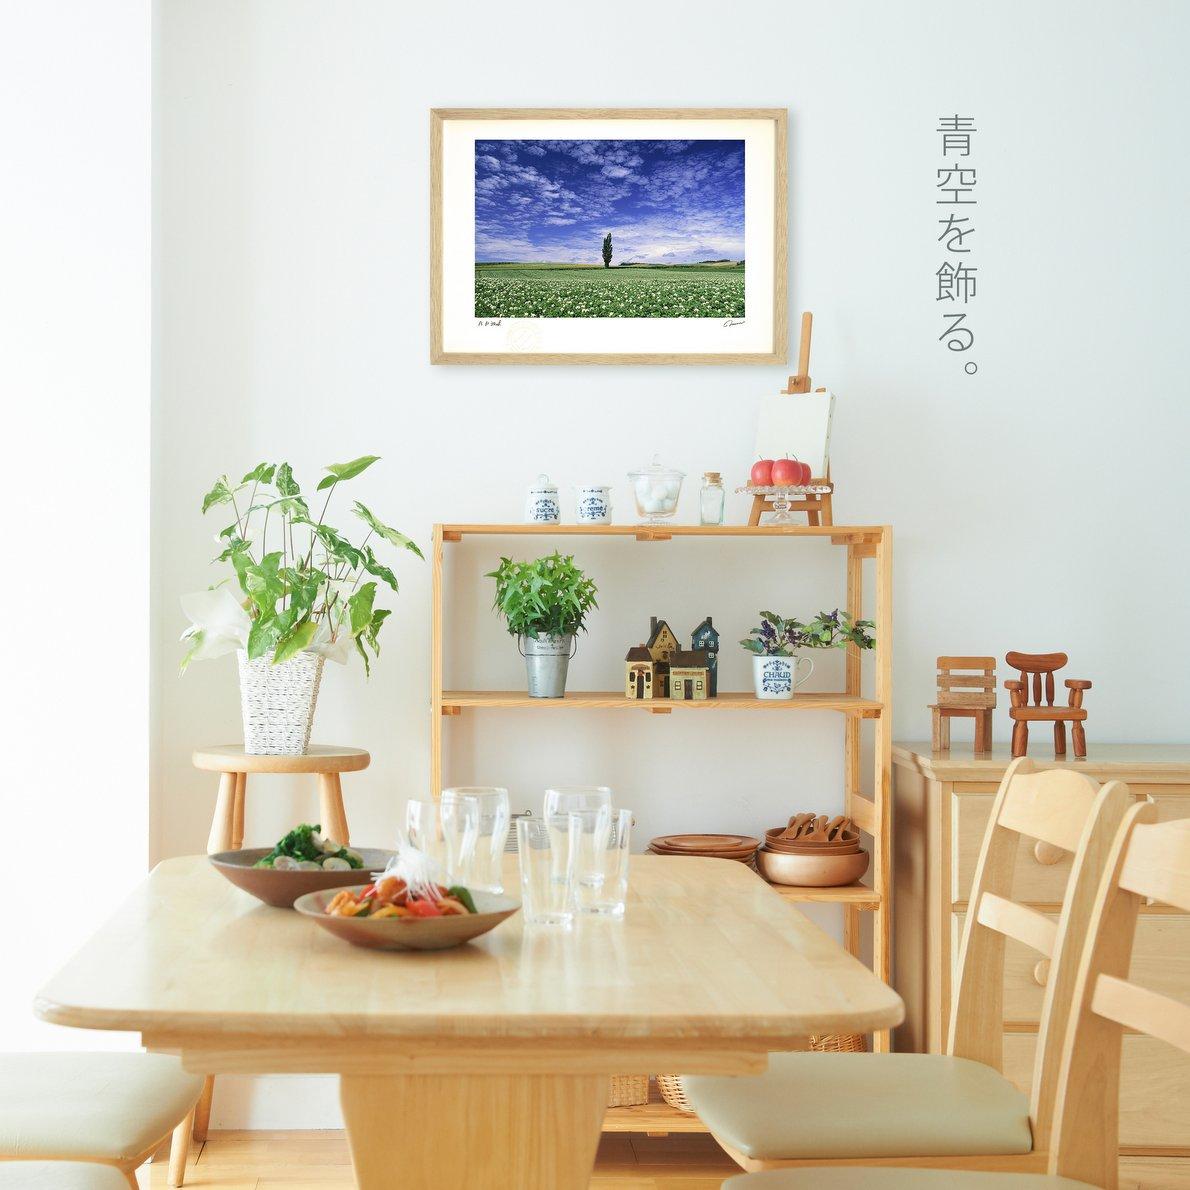 《アートフォト》ヒマワリと虹1/美瑛町〔富良野・高橋真澄〕(レンタル対象)